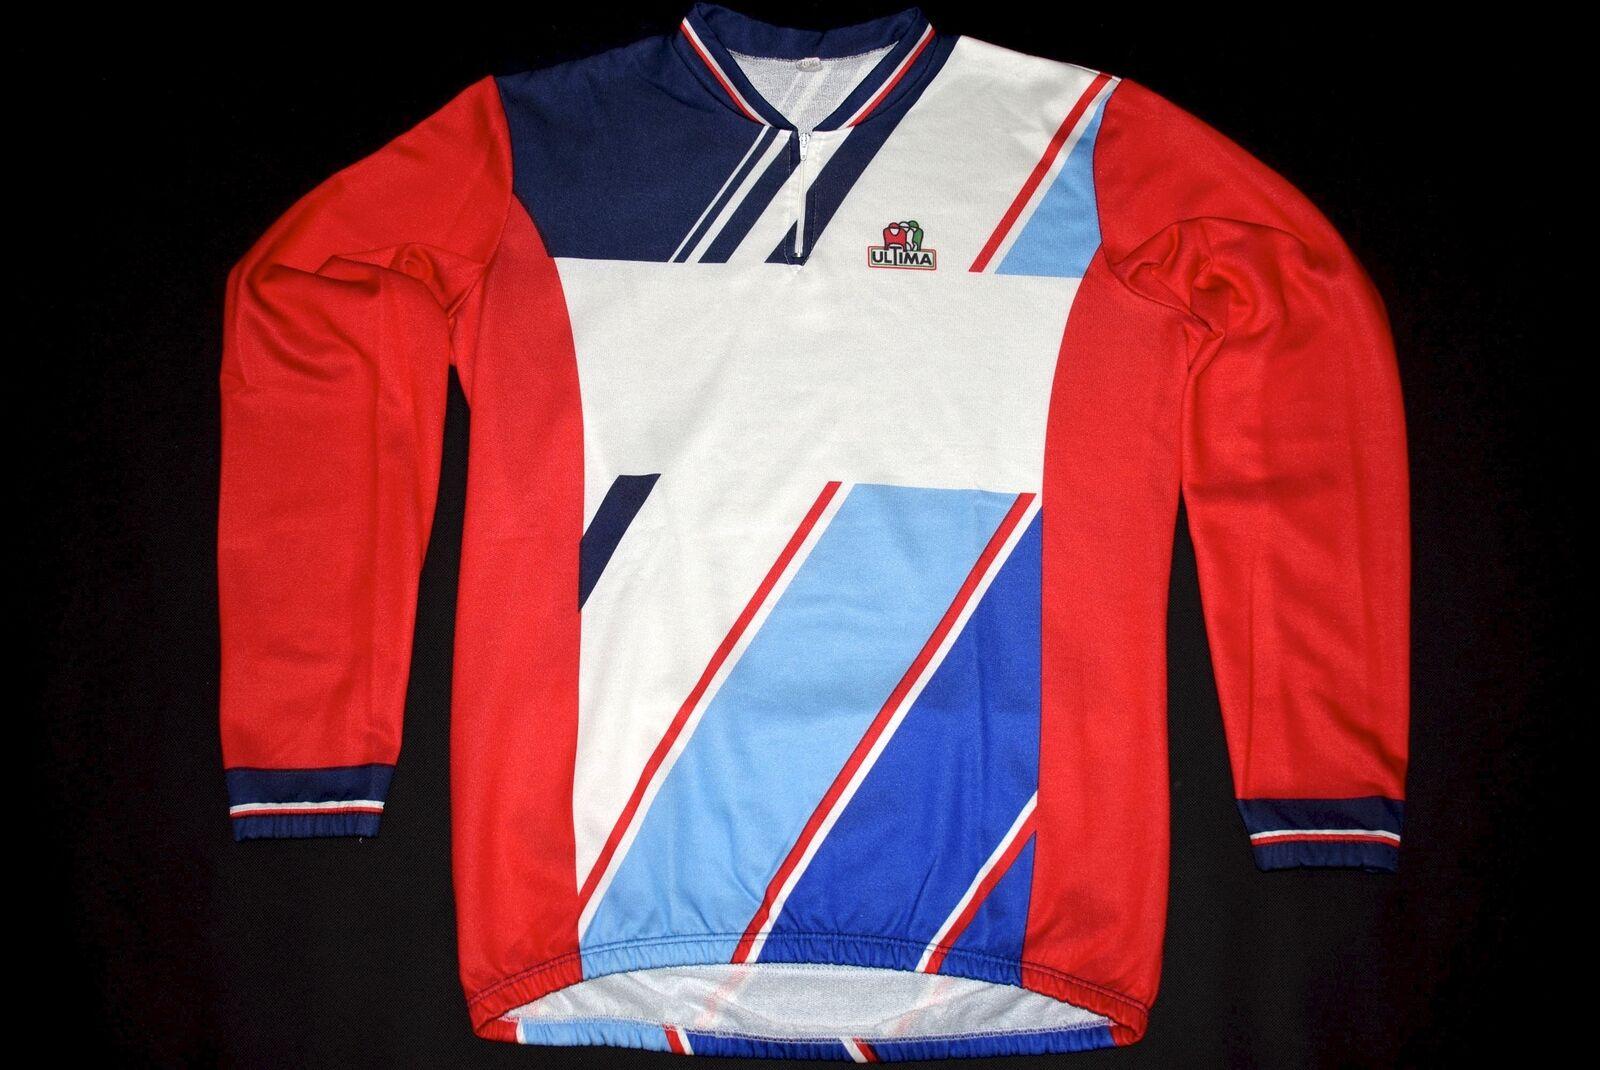 Ultima Fahrrad Rad Trikot Trikot Trikot Shirt Maglia Camiseta Jersey Maillot Vintage 90s 7 L e4bfb0